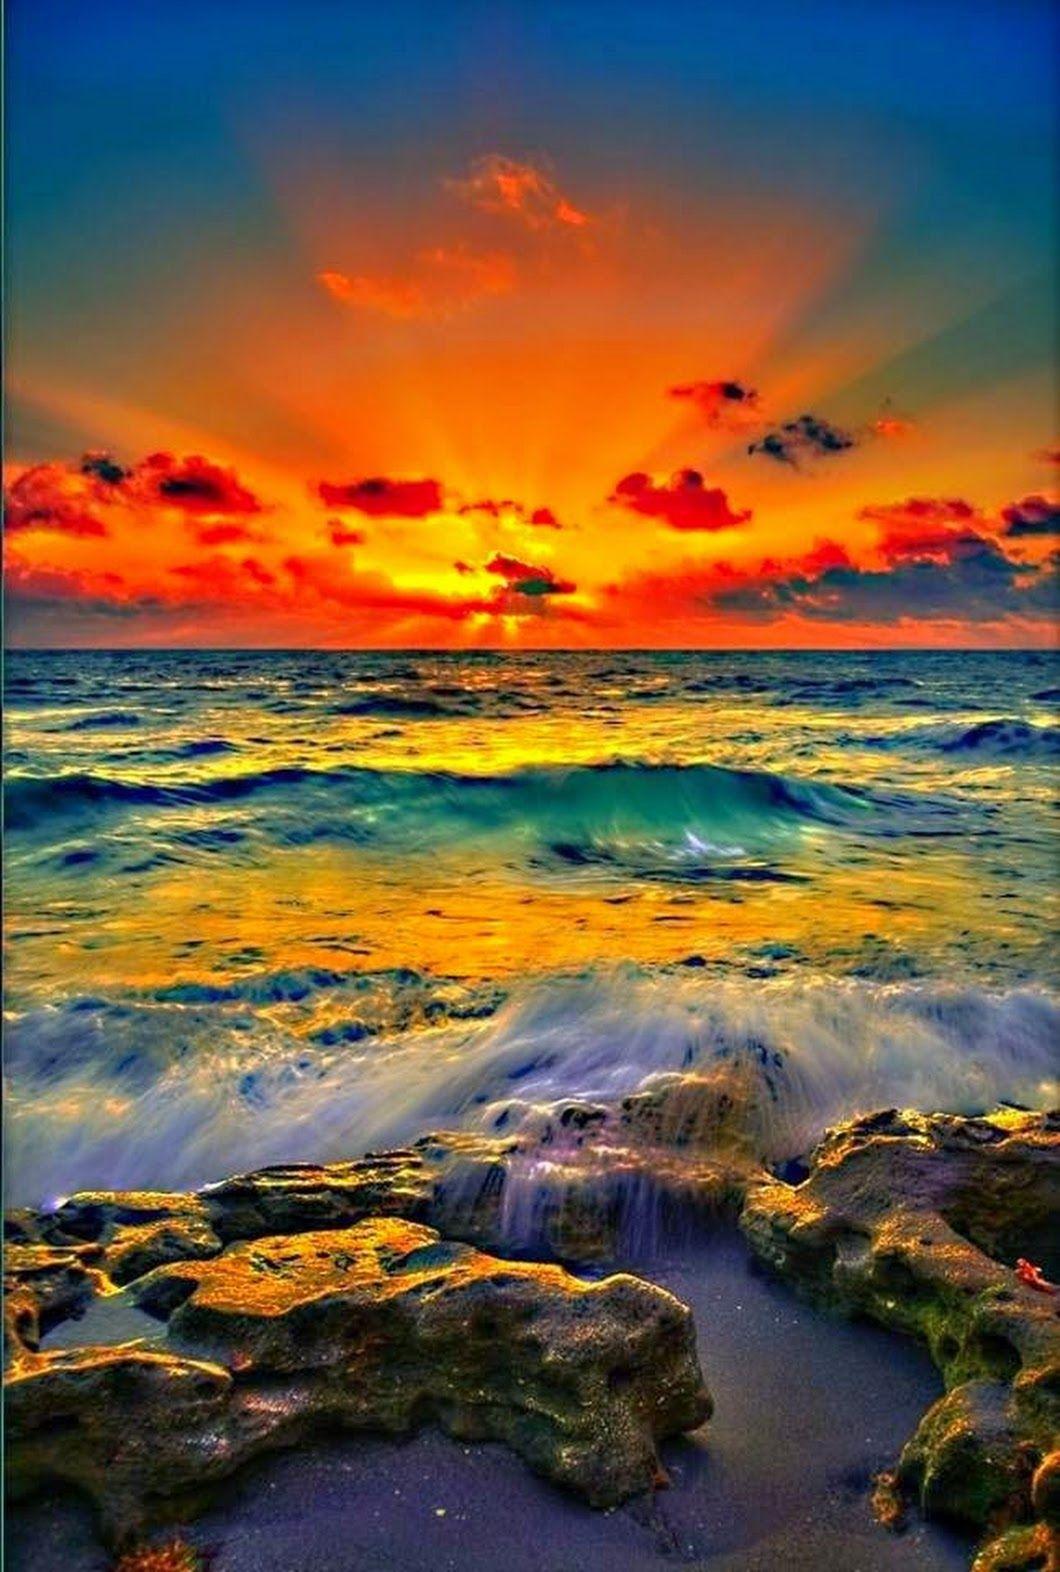 Pin By Howida Mahmoud On Amazing Pics Sunrise Florida Beaches